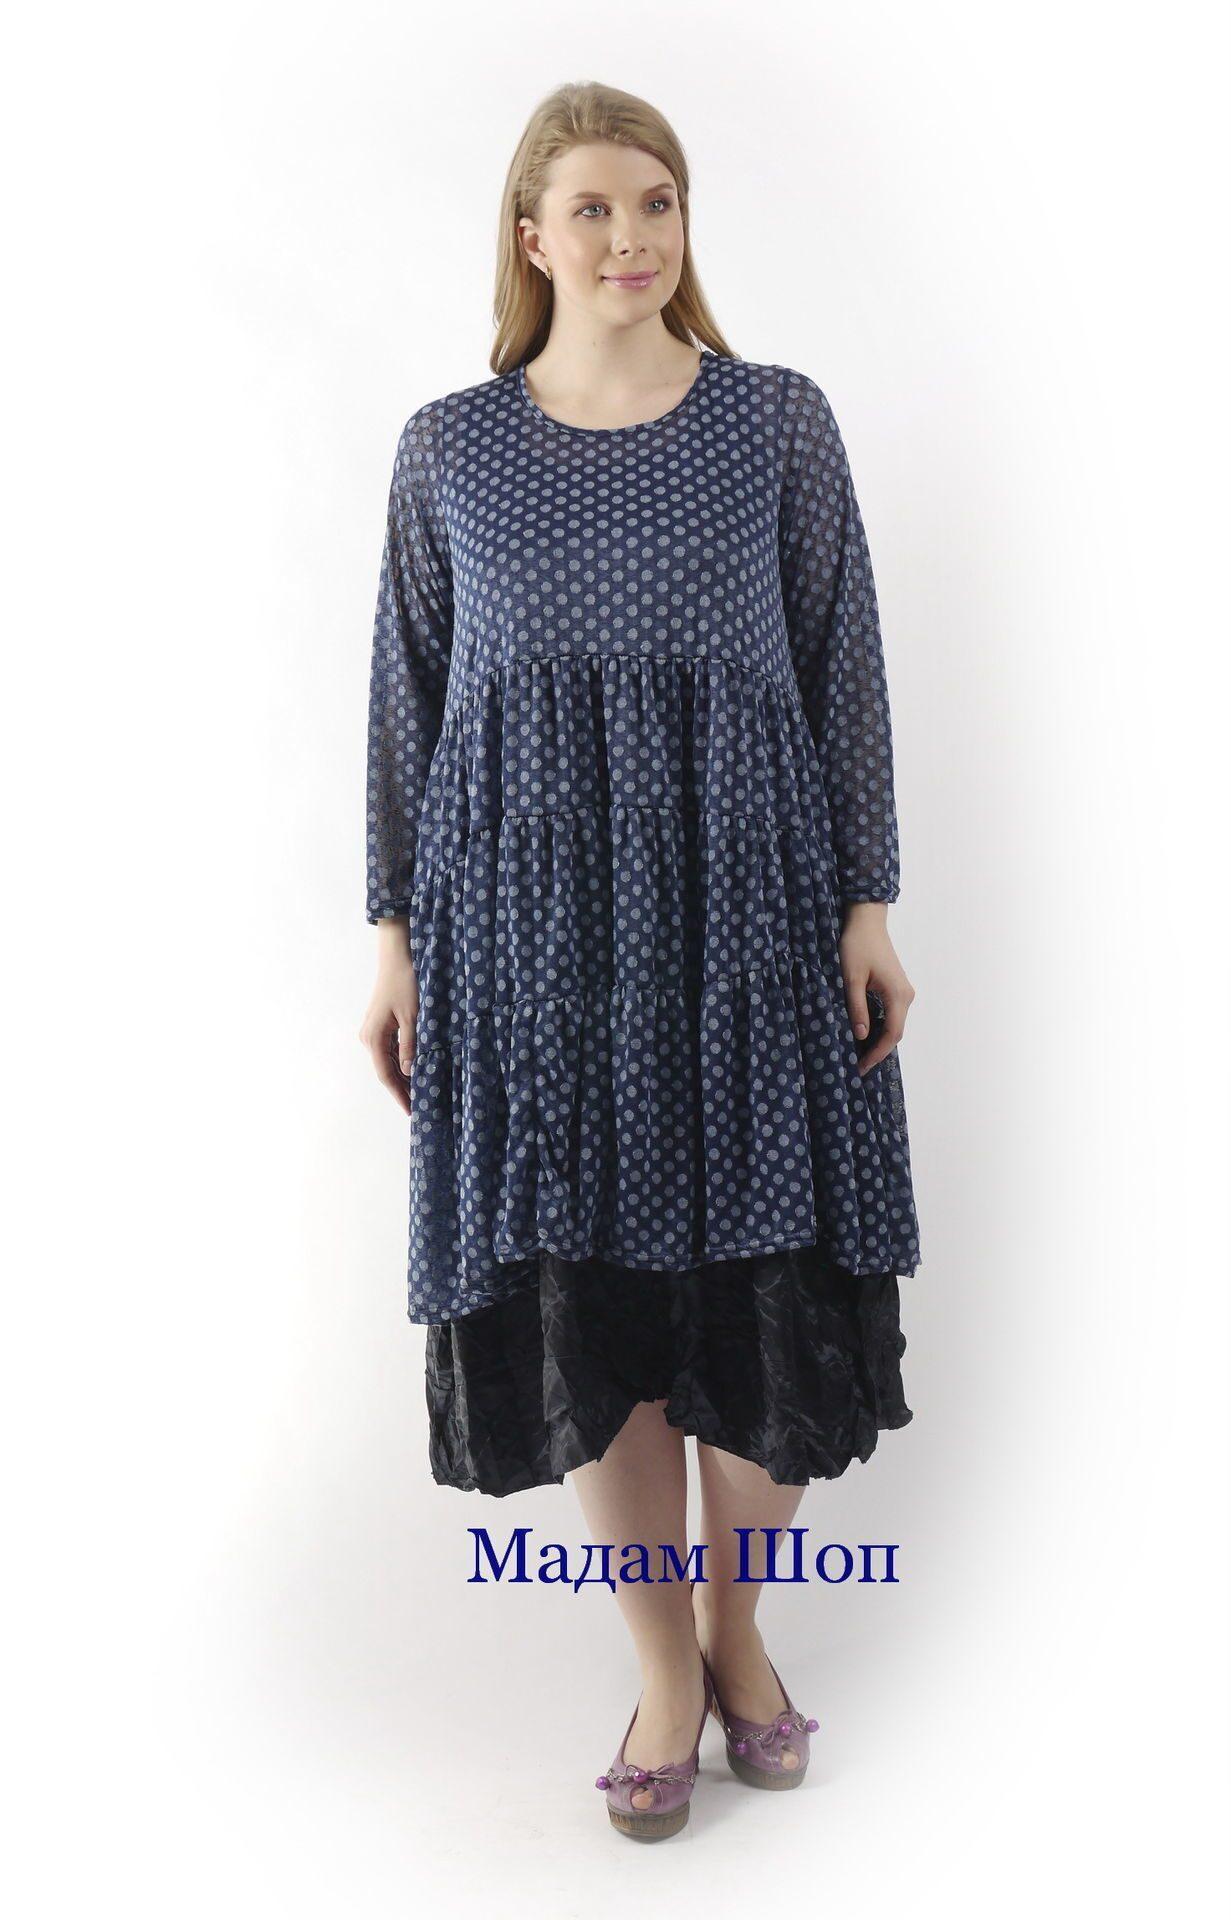 c9b1a1cbf39 Купить в интернет-магазине летнее синее платье в горошек Degrade ...